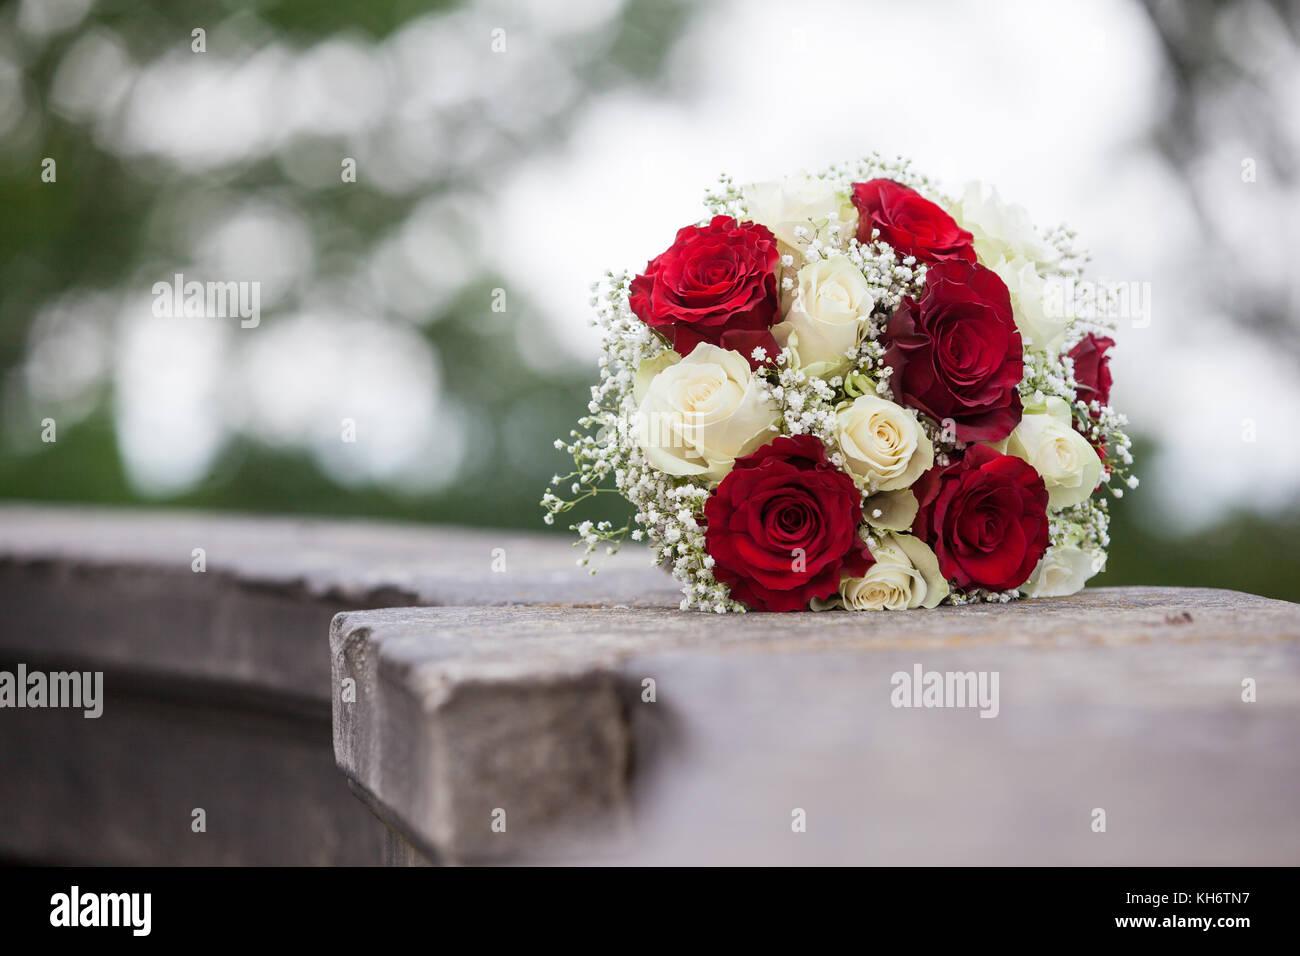 Brautstrauss Weisse Und Rote Rosen Stockfoto Bild 165493587 Alamy